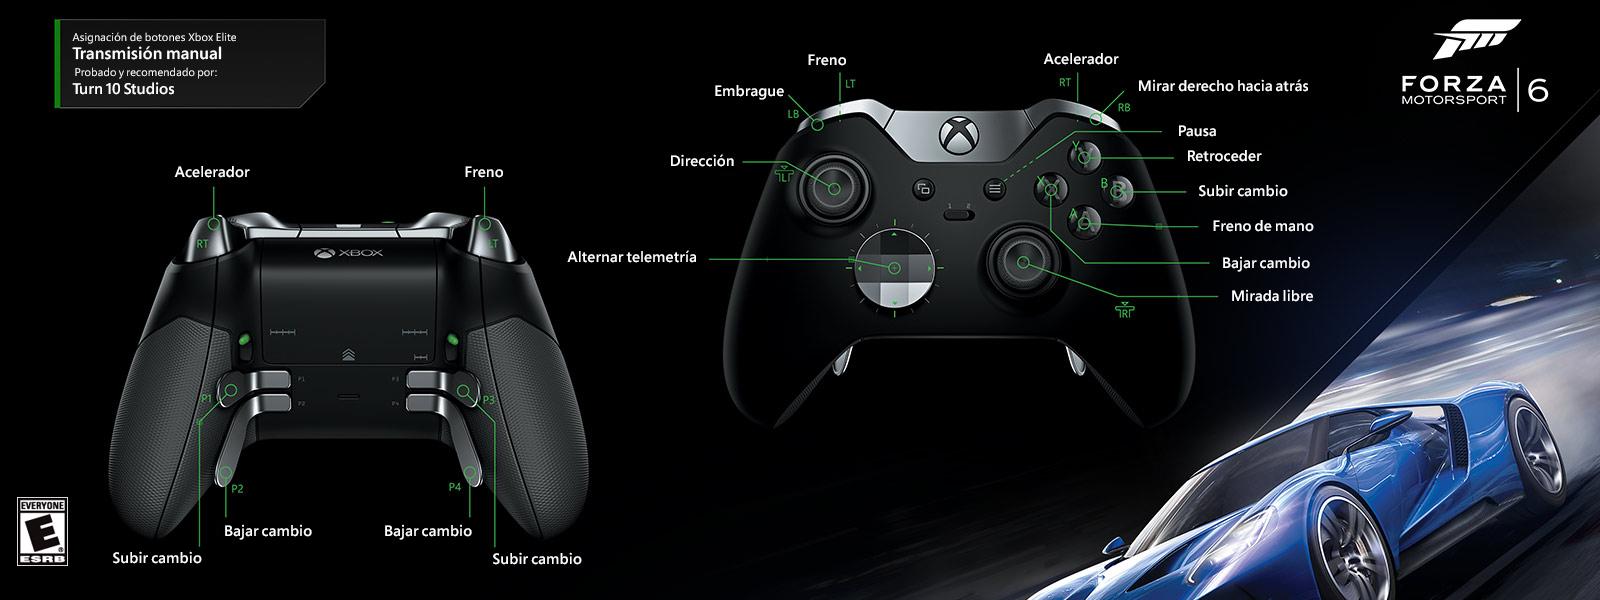 Forza Motorsport 6: transmisión manual (asignación de funciones del control Elite)